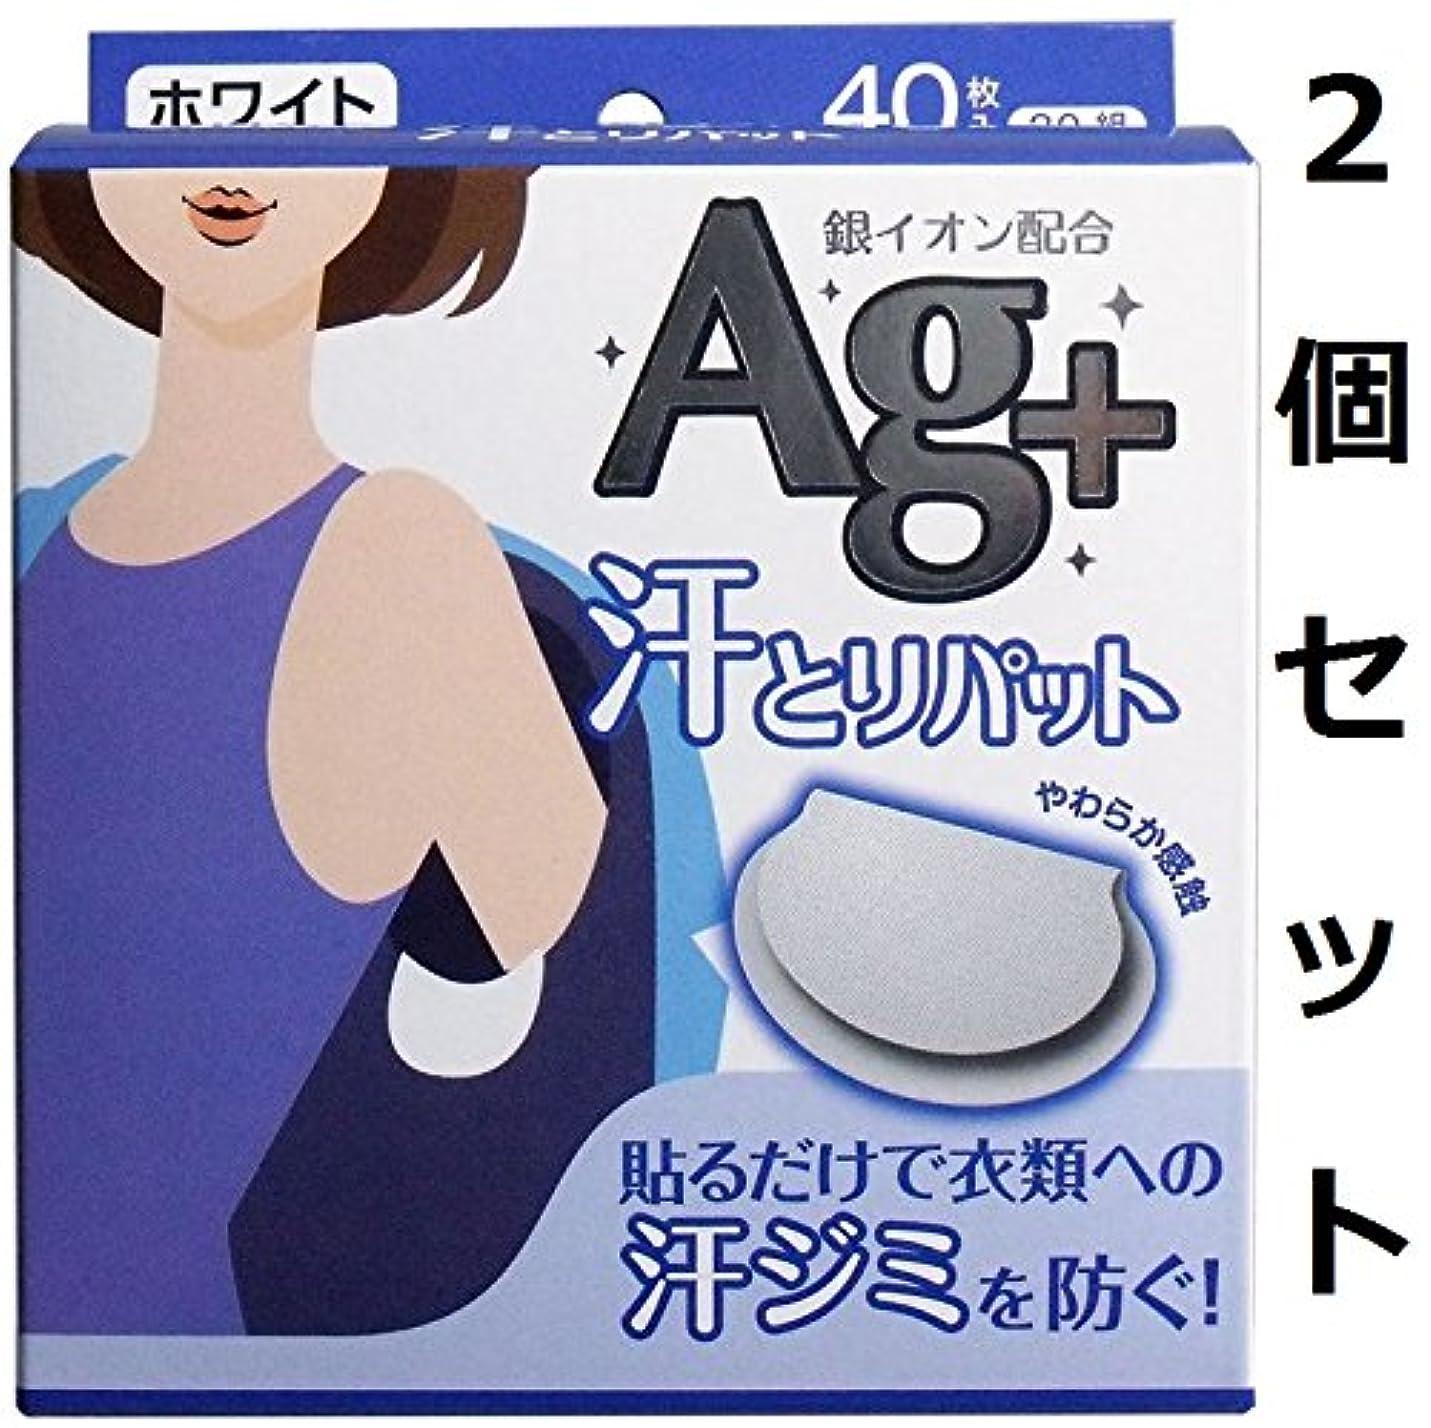 くちばし不条理アミューズメント衣服に貼り付けやすいハーフスリットの剥離紙 汗とりパット 銀イオン ホワイト 40枚(20組)入 2個セット